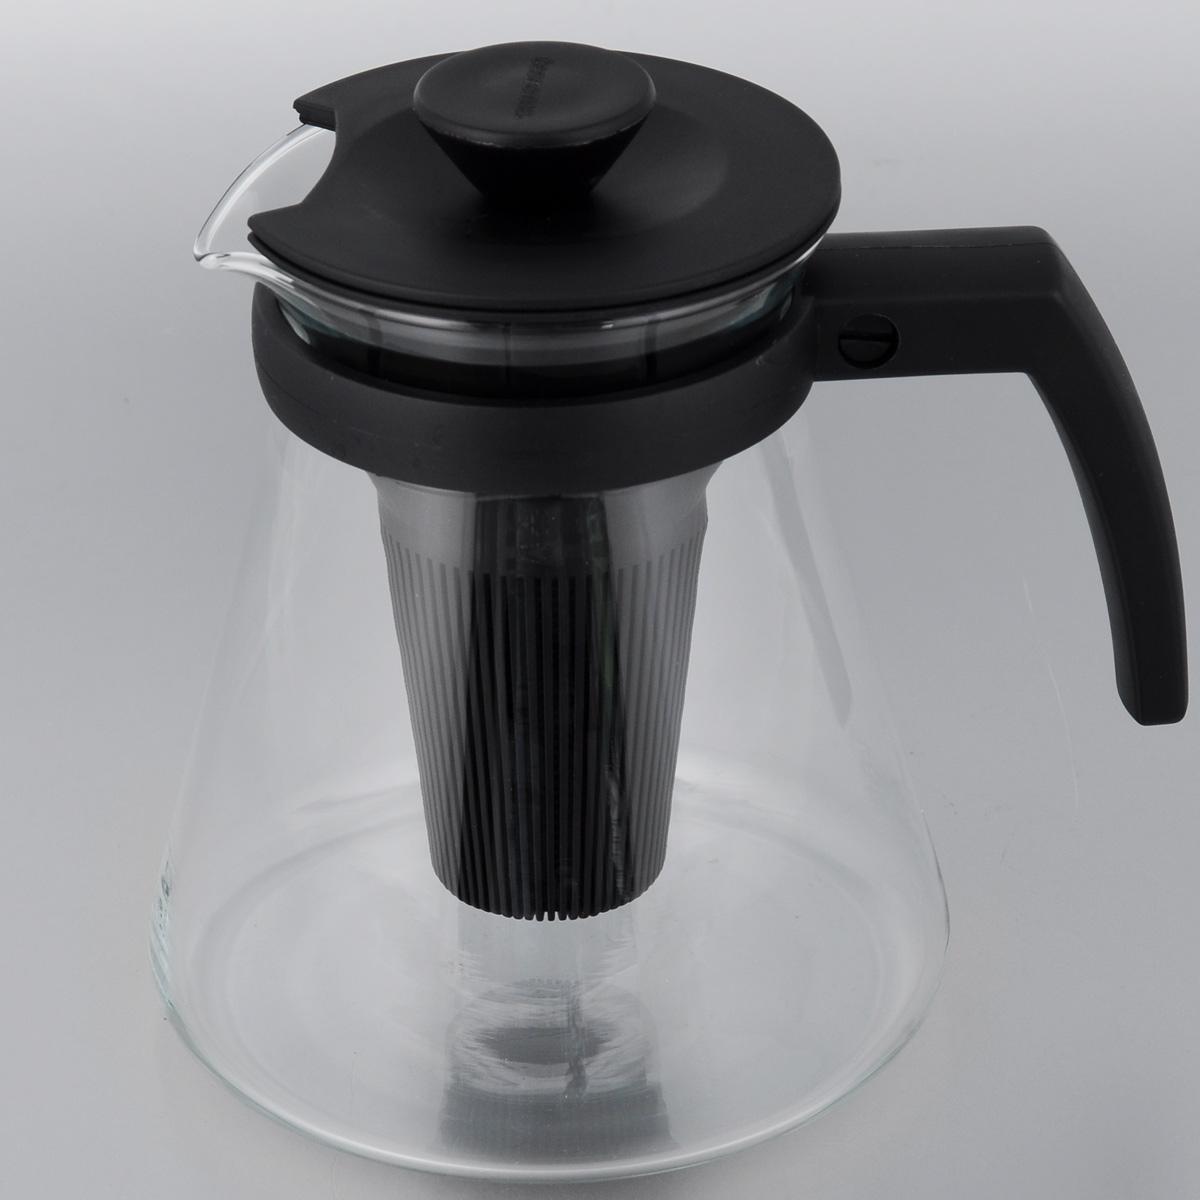 Чайник заварочный Tescoma Teo, с ситечками, цвет: прозрачный, черный, 1,25 л646622Заварочный чайник Tescoma Teo поможетприготовить вкусный и ароматный чай. Колбавыполнена из термостойкого боросиликатногостекла, ручка и крышка из прочного пластика.Чайник снабжен съемными пластиковымиситечками. Глубокое ситечко предназначенодля заваривания свежей мяты, мелиссы, имбиря,сушеного шиповника. Очень густое ситечко длязаваривания всех видов рассыпчатогочая. Можно использовать на газовых,электрических и стеклокерамических плитах, атакже в микроволновых печах. Не рекомендуетсямыть впосудомоечной машине.Диаметр (по верхнему краю): 10 см.Высота чайника (без учета крышки): 16 см.